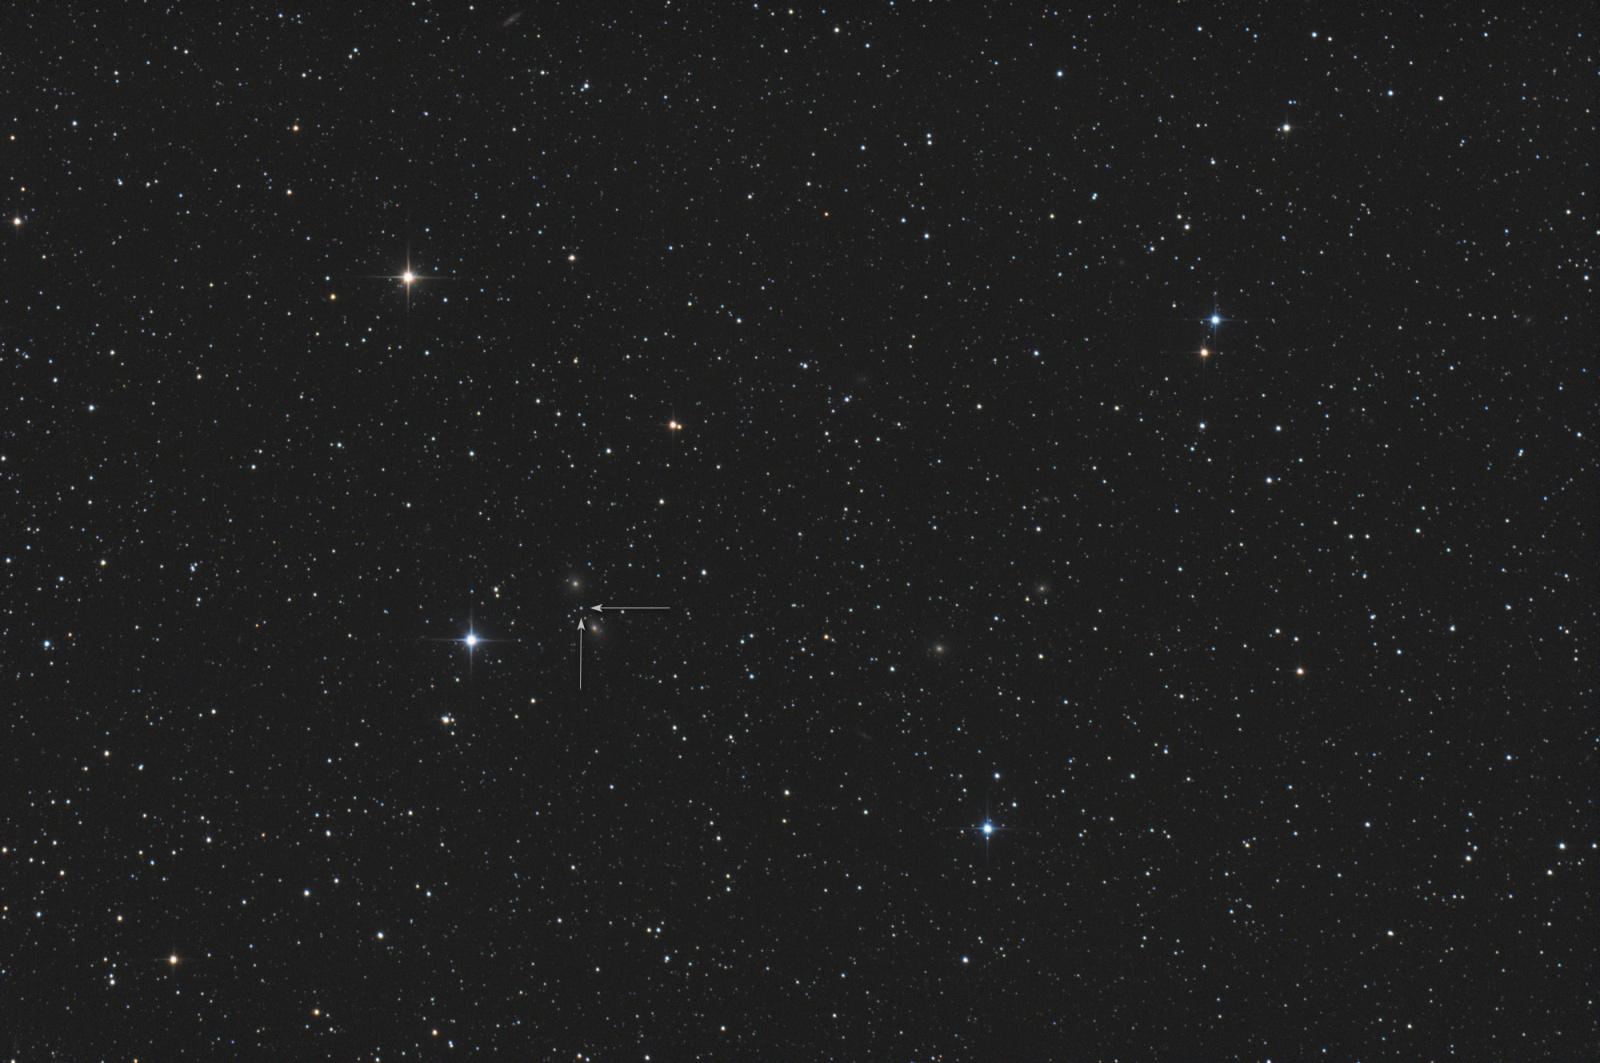 NGC6500-crop_50px-lpc-cbg-csc-St V1 JPG.jpg